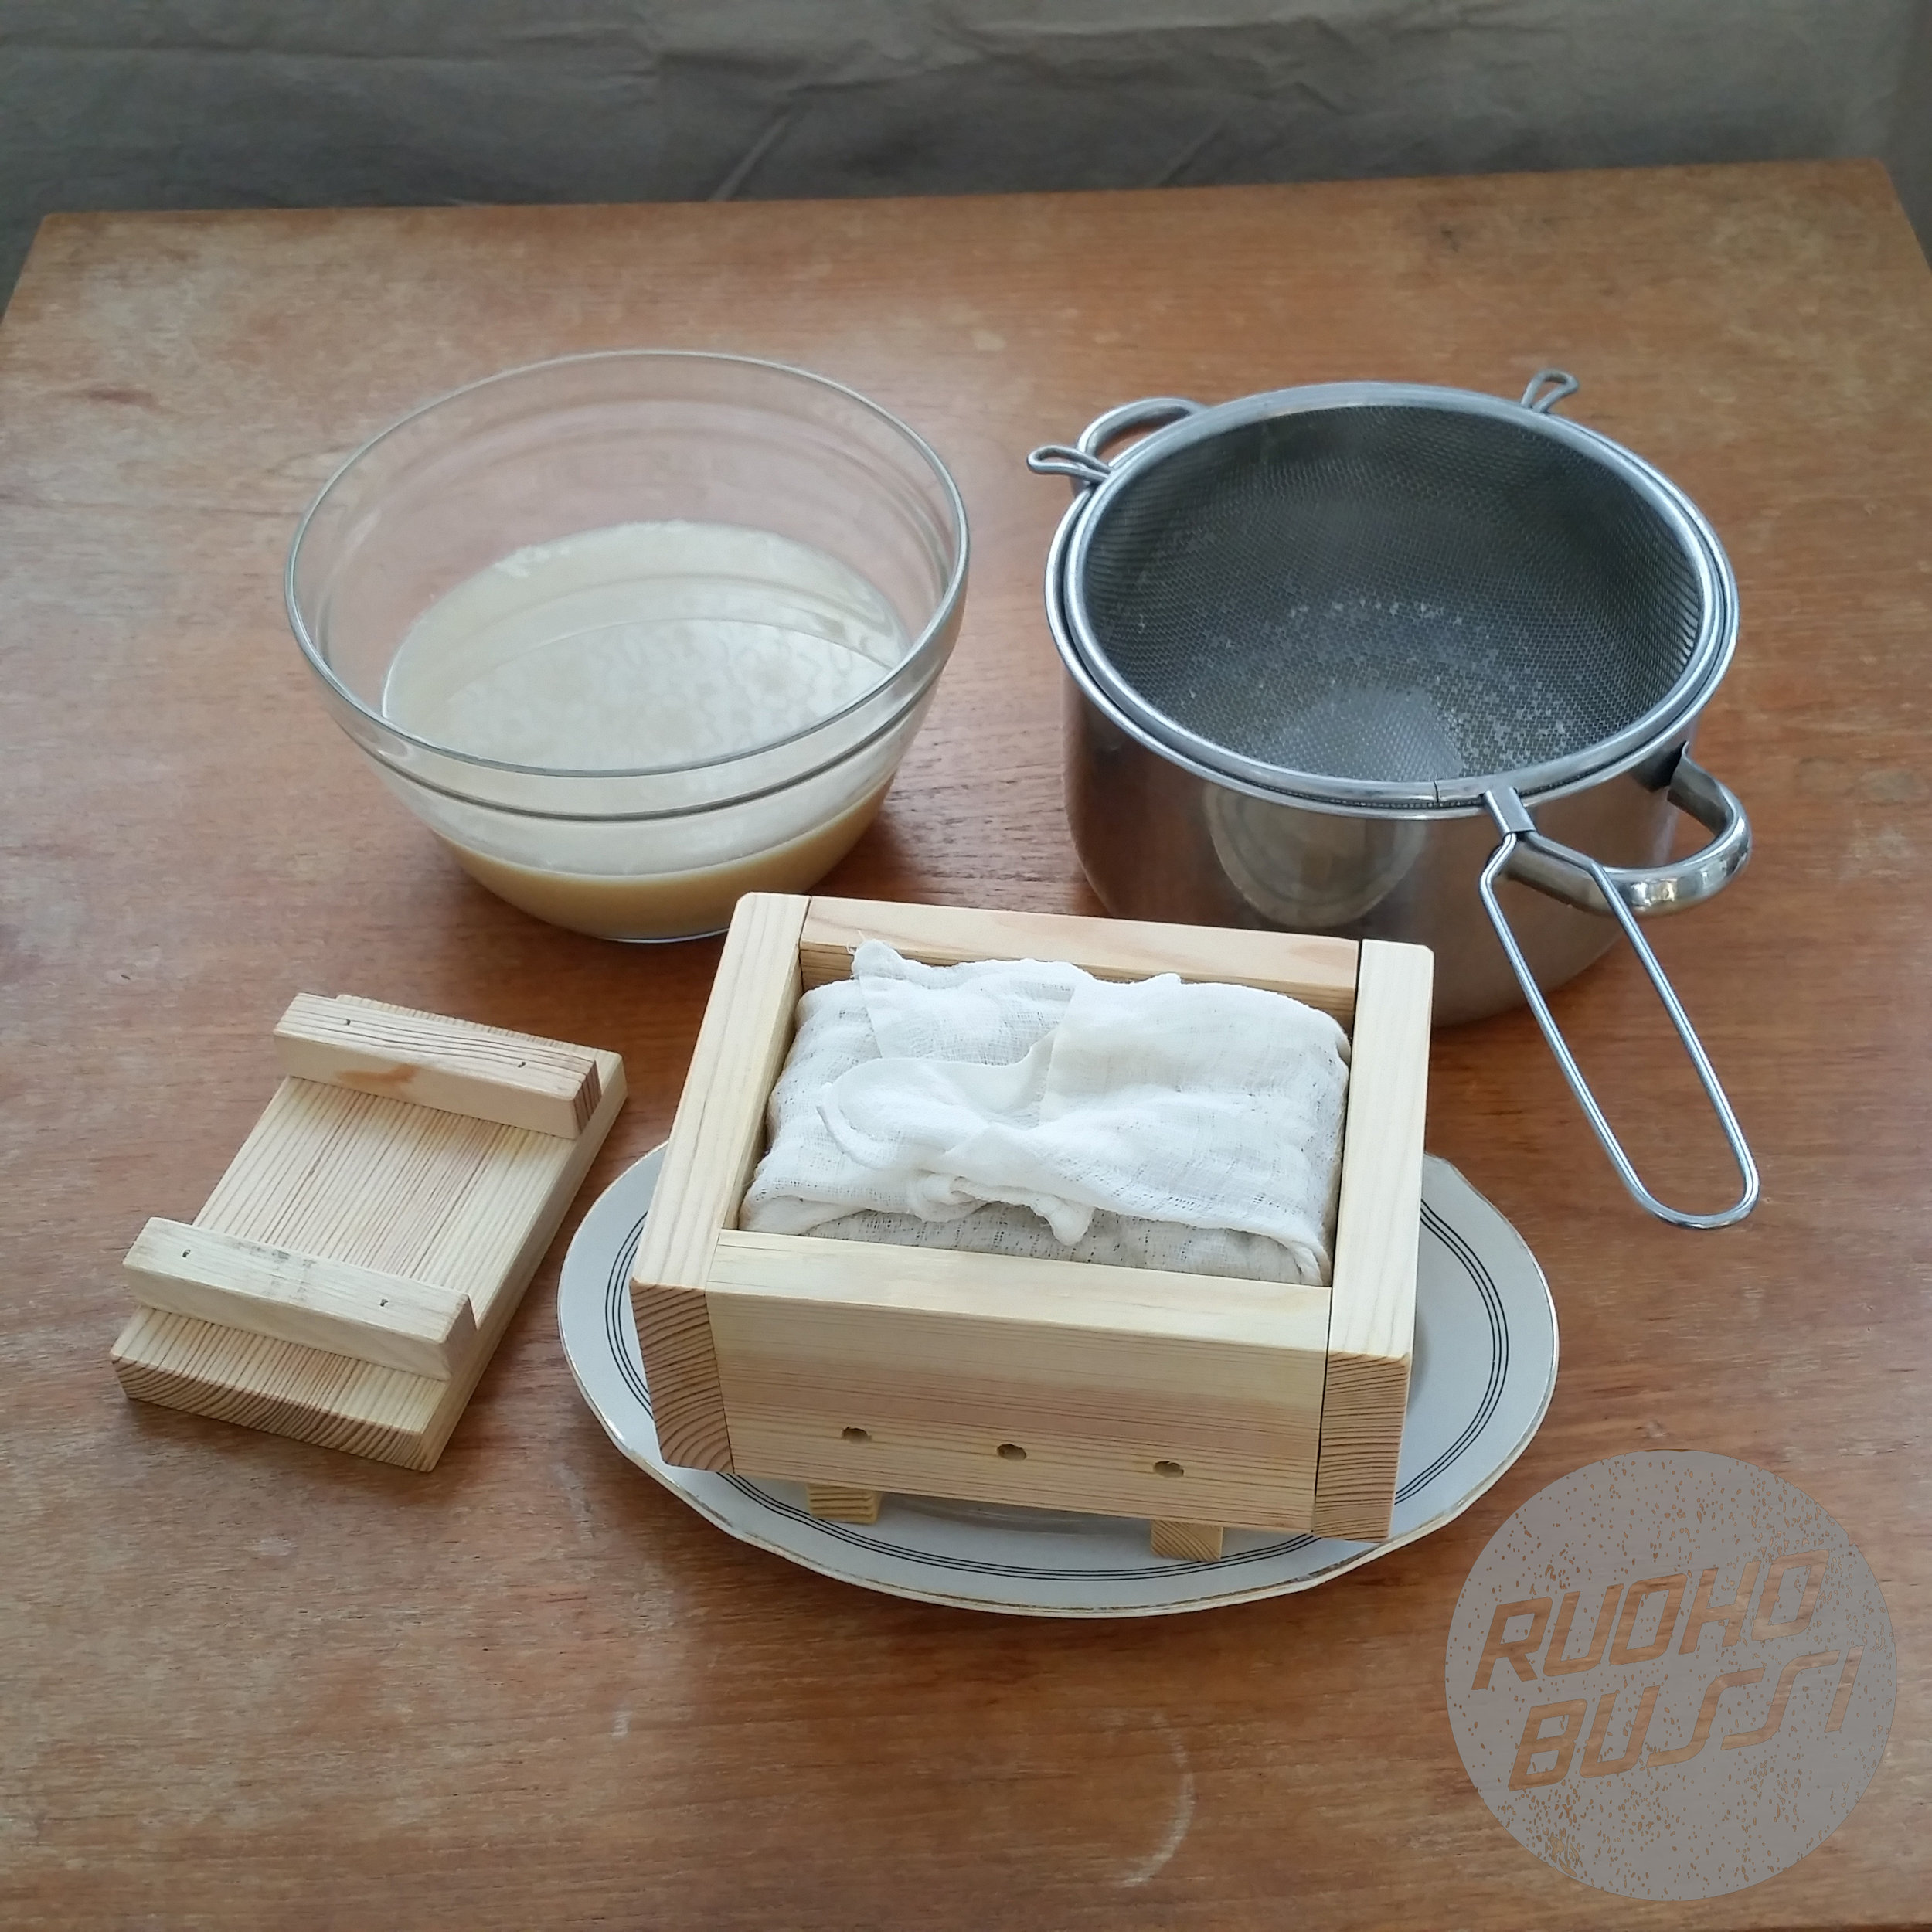 - Painele massaa laatikkoon tasaisesti ja taittele kangas.